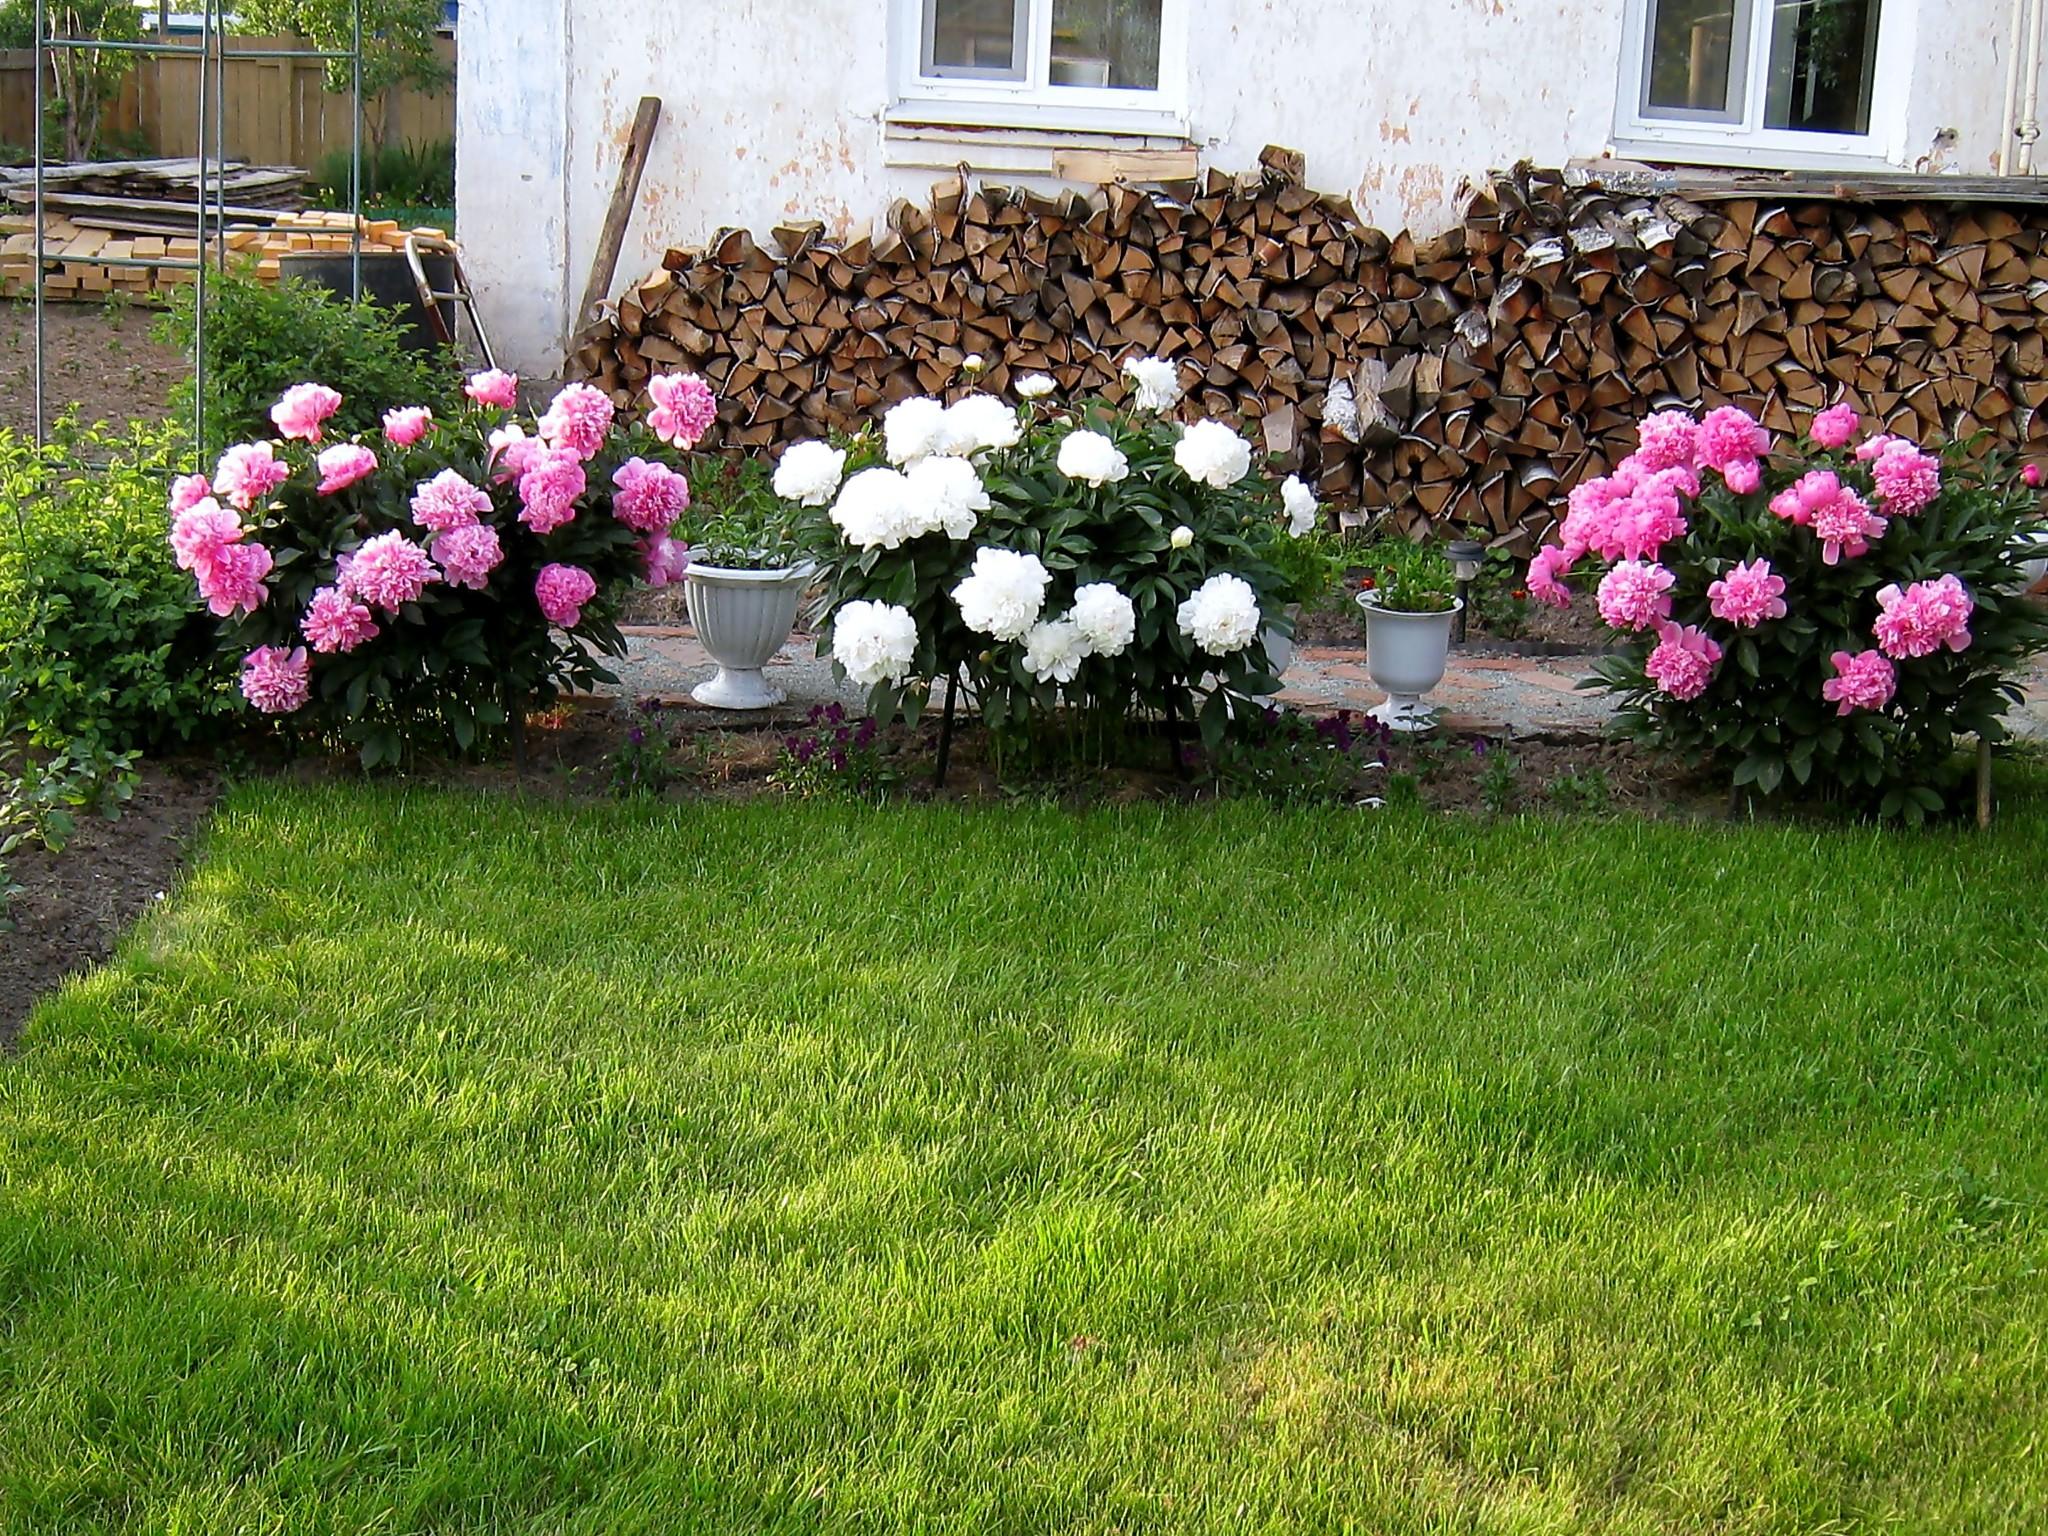 как красиво посадить пионы на участке фото жители уважительно